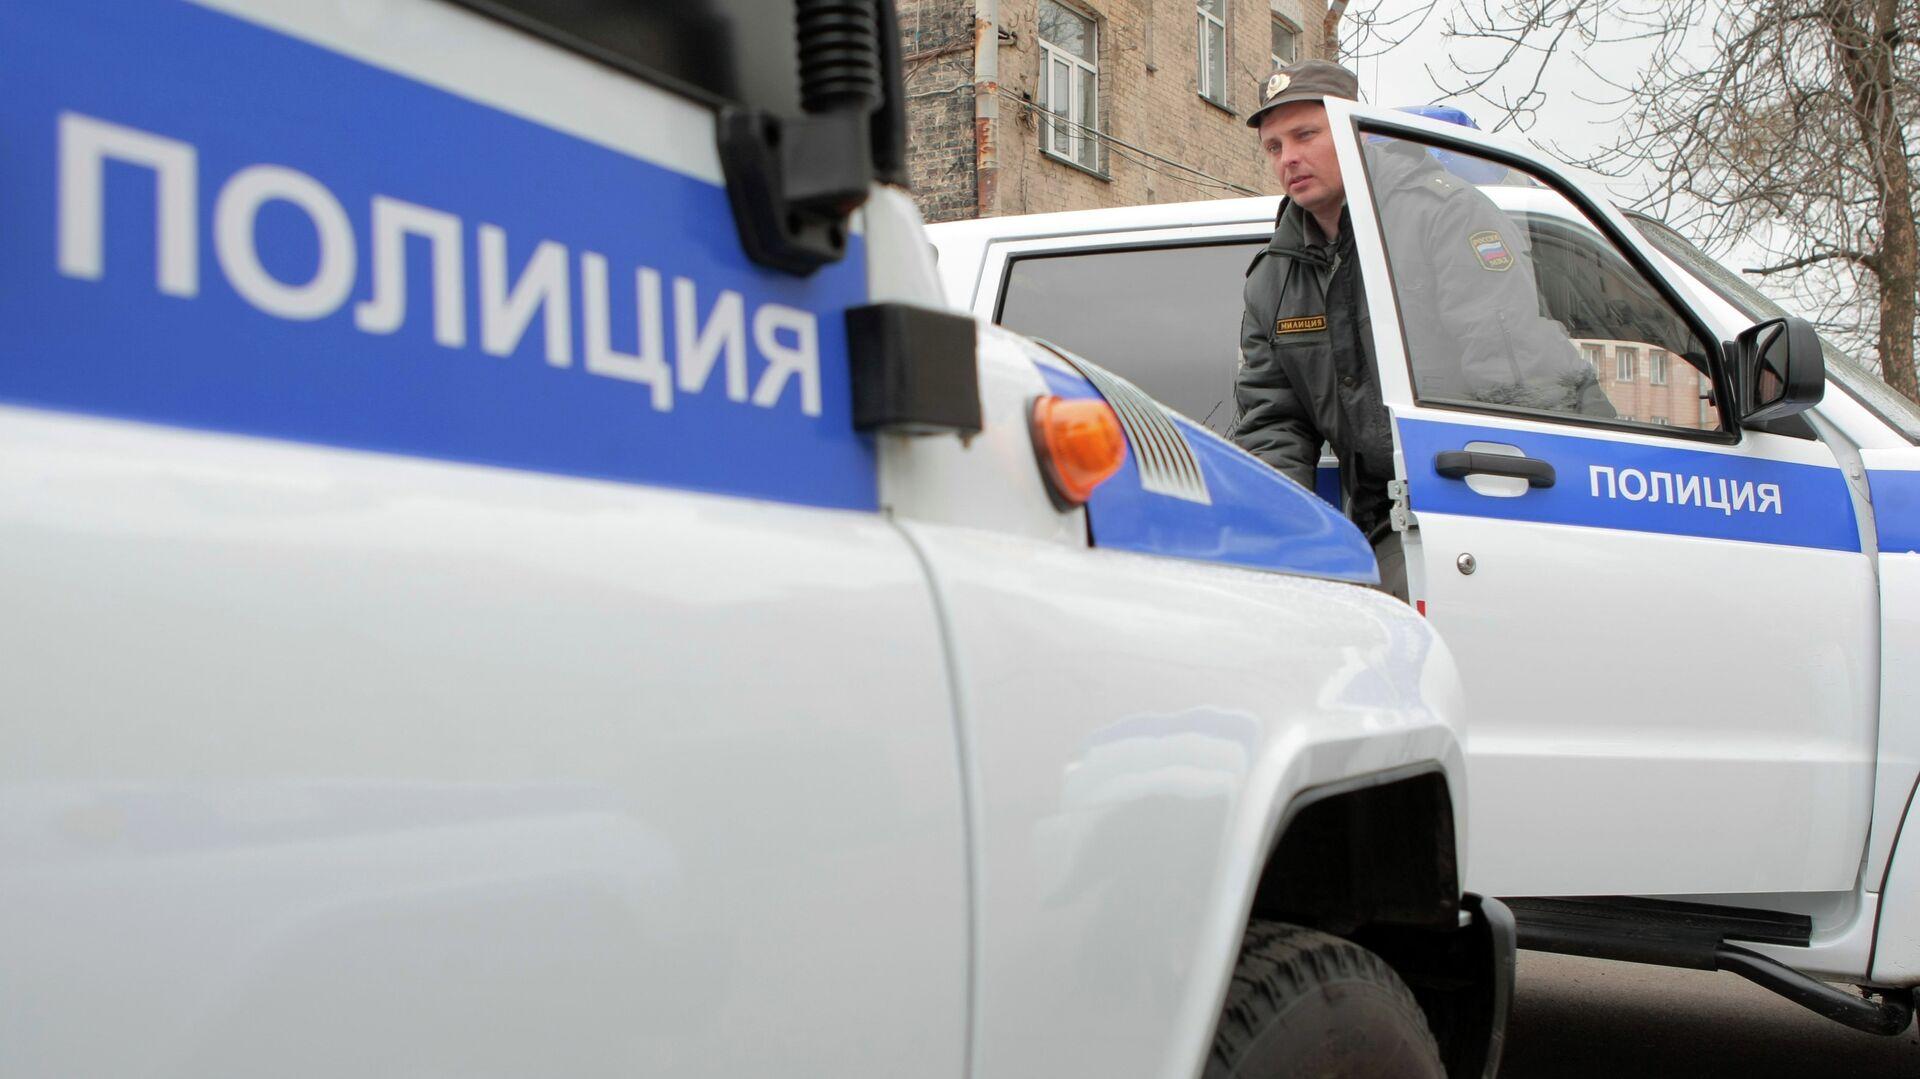 Сотрудники полиции - РИА Новости, 1920, 11.10.2021